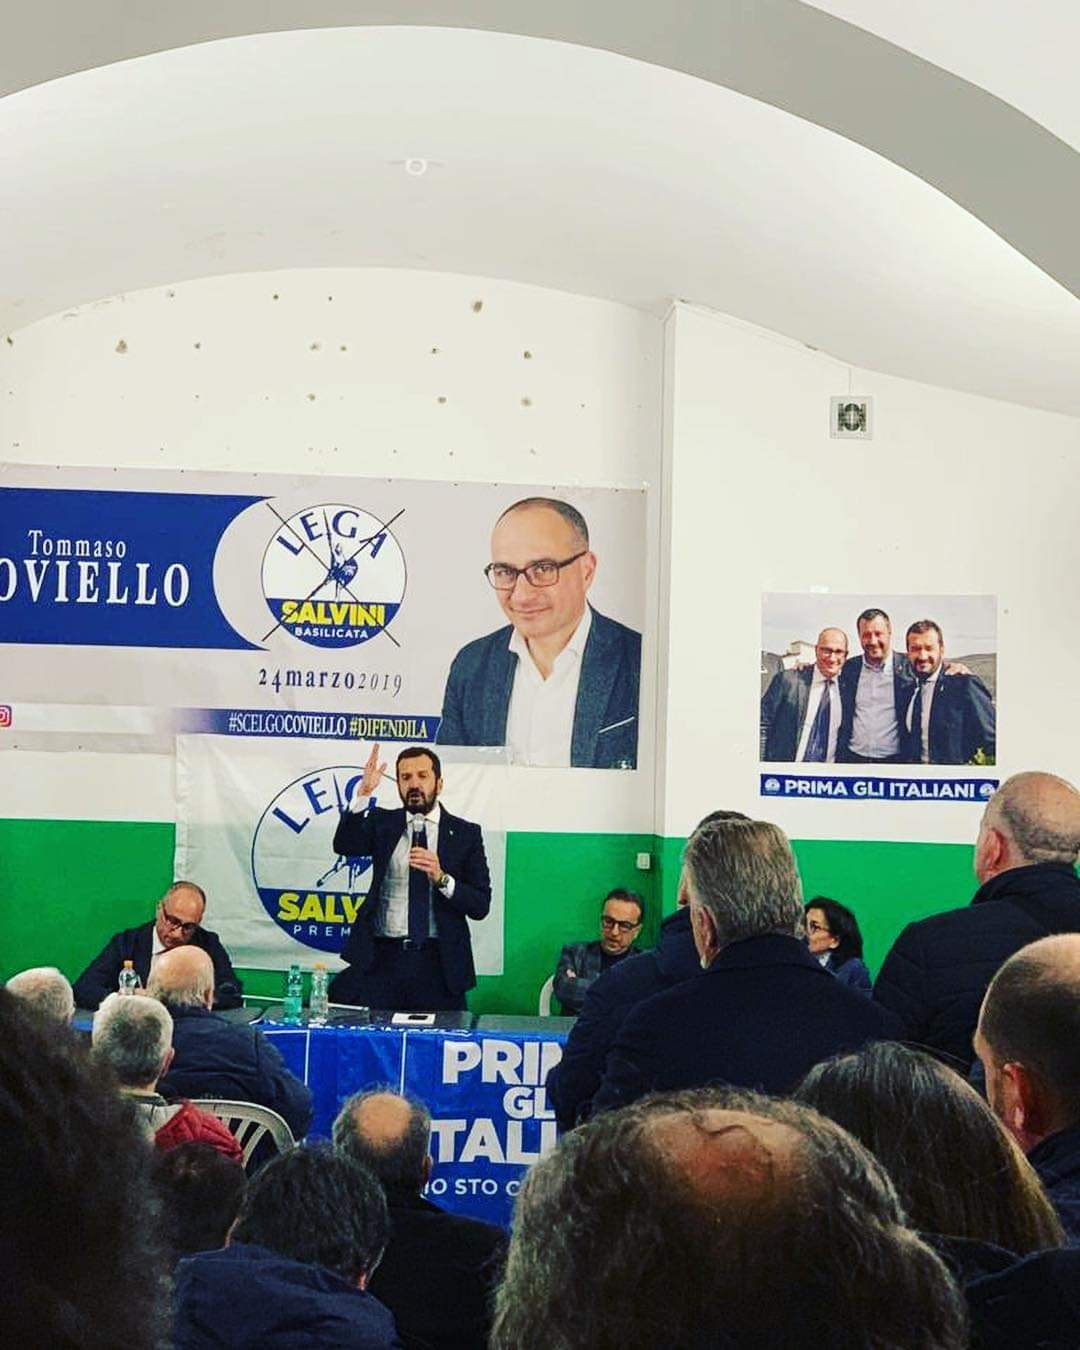 8 marzo la lgea e COviello a Rionero